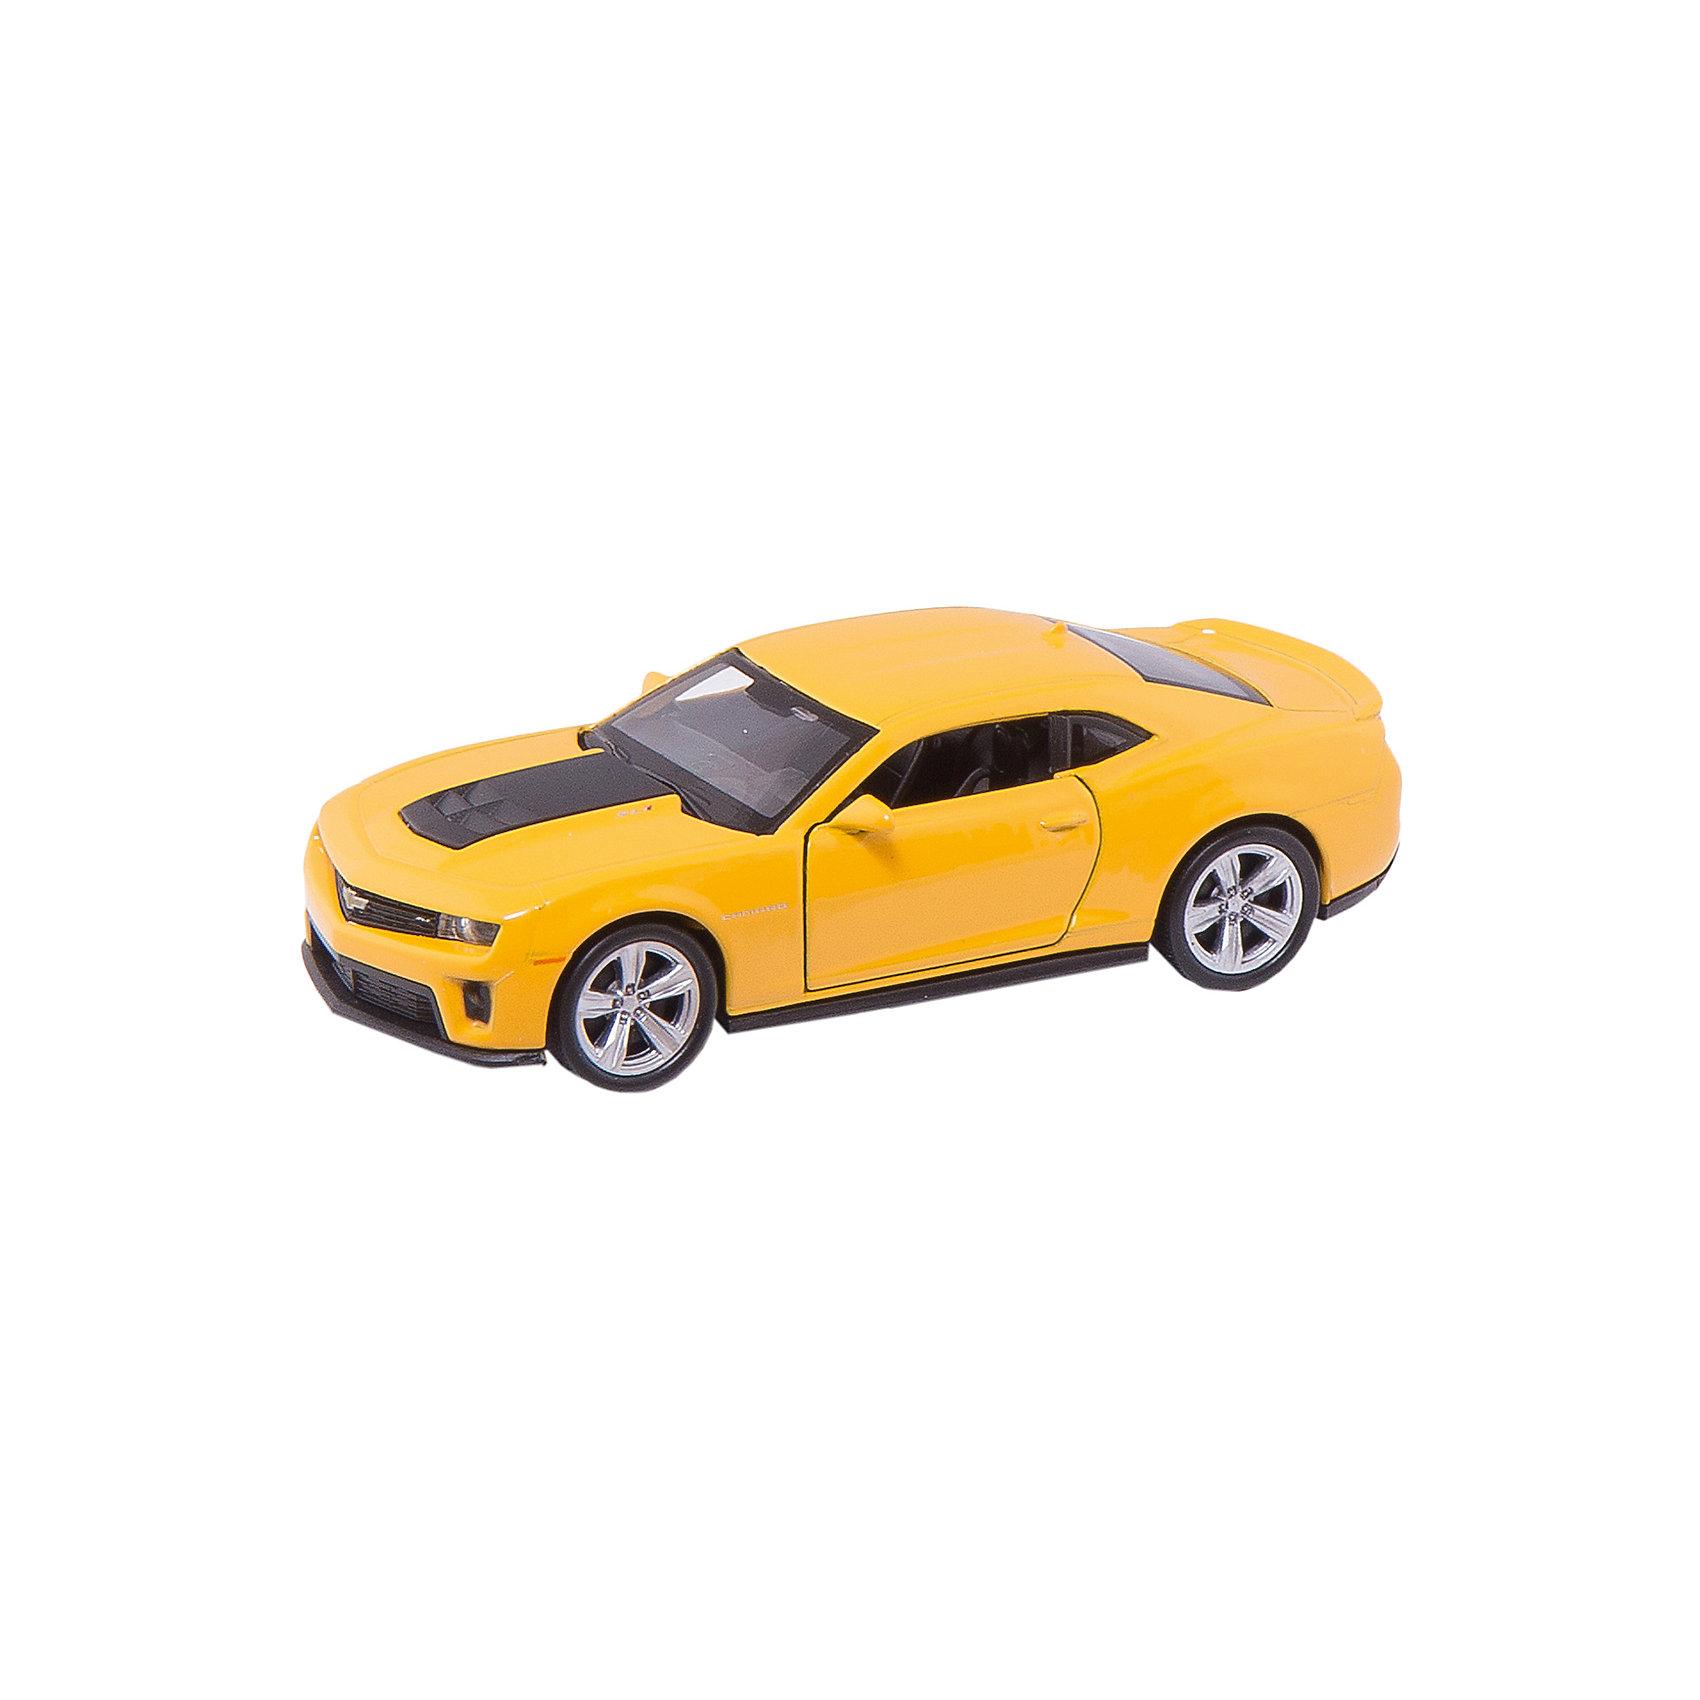 Модель машины 1:34-39 Chevrolet Camaro ZL1, WellyКоллекционные модели<br>Коллекционная машинка Welly представлена в виде модели масштабом 1:34-39, которая является точной копией автомобиля Chevrolet Camaro ZL1. Цвет кузова автомобиля представлен в ассортименте. Выбрать определенный цвет заранее не представляется возможным.<br><br>Ширина мм: 145<br>Глубина мм: 110<br>Высота мм: 60<br>Вес г: 142<br>Возраст от месяцев: 36<br>Возраст до месяцев: 192<br>Пол: Мужской<br>Возраст: Детский<br>SKU: 4966541